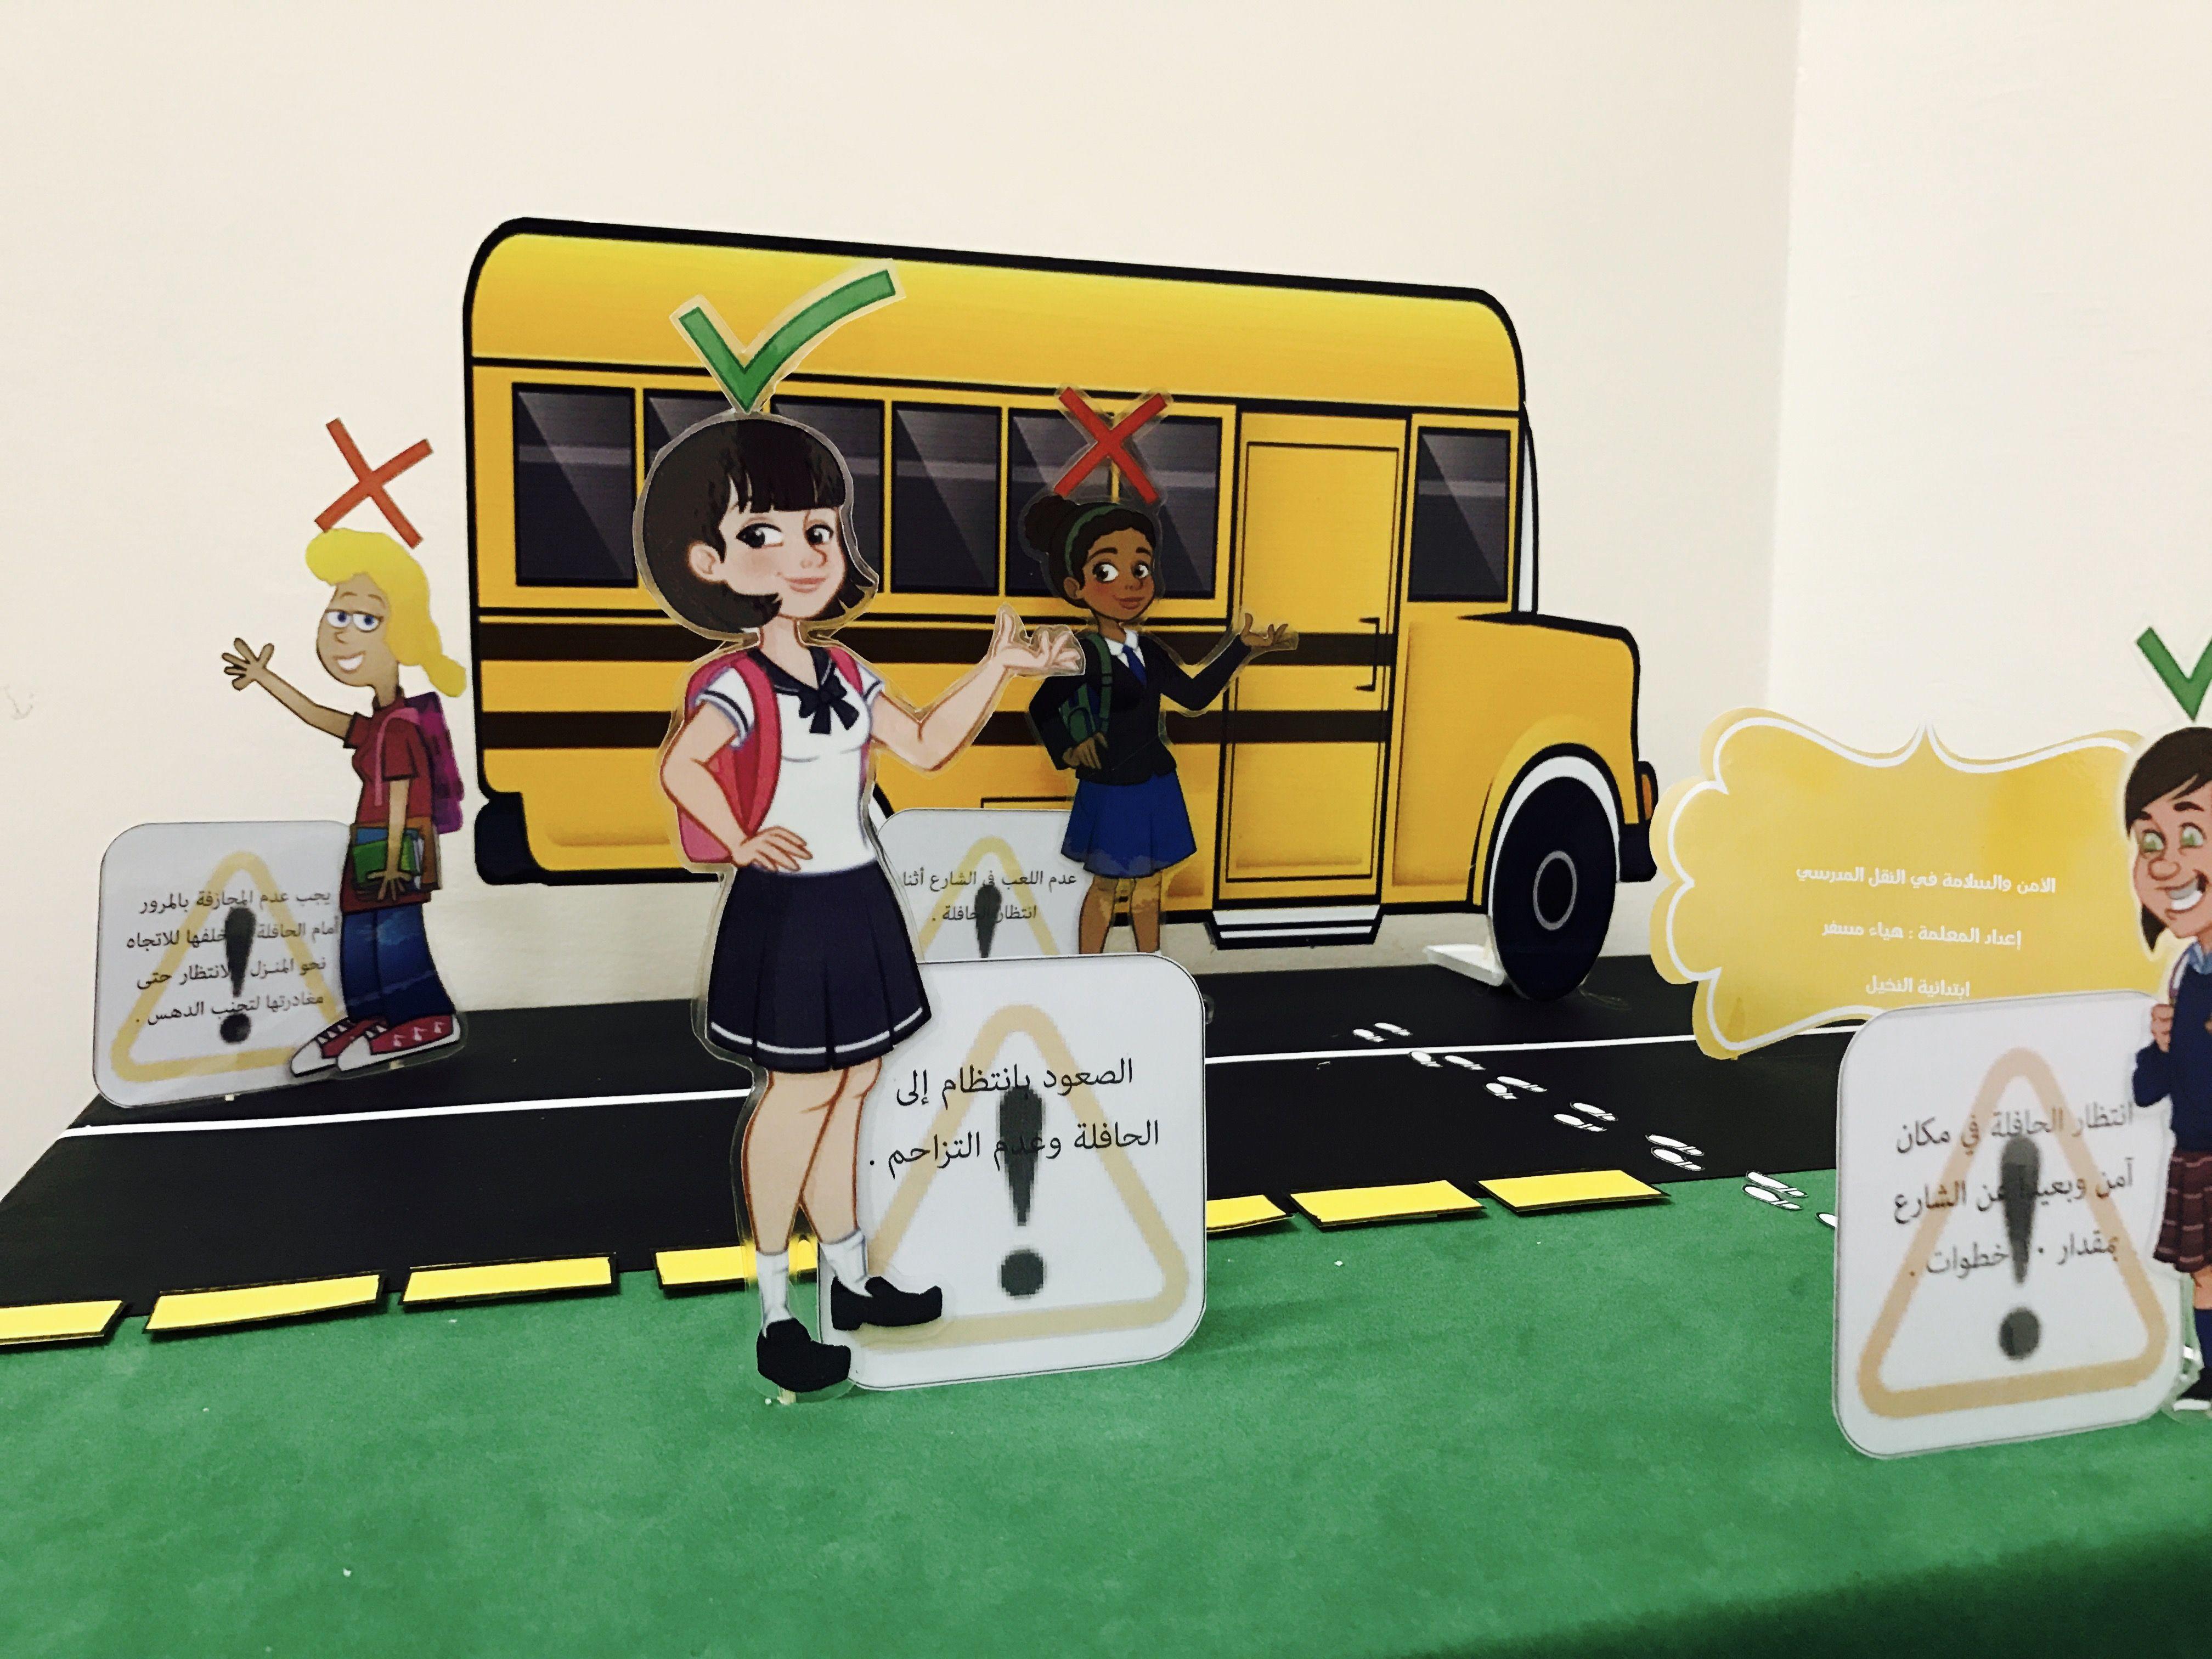 الأمن والسلامة في النقل المدرسي Security And Safety In The School Transport School Stage Decorations Fun